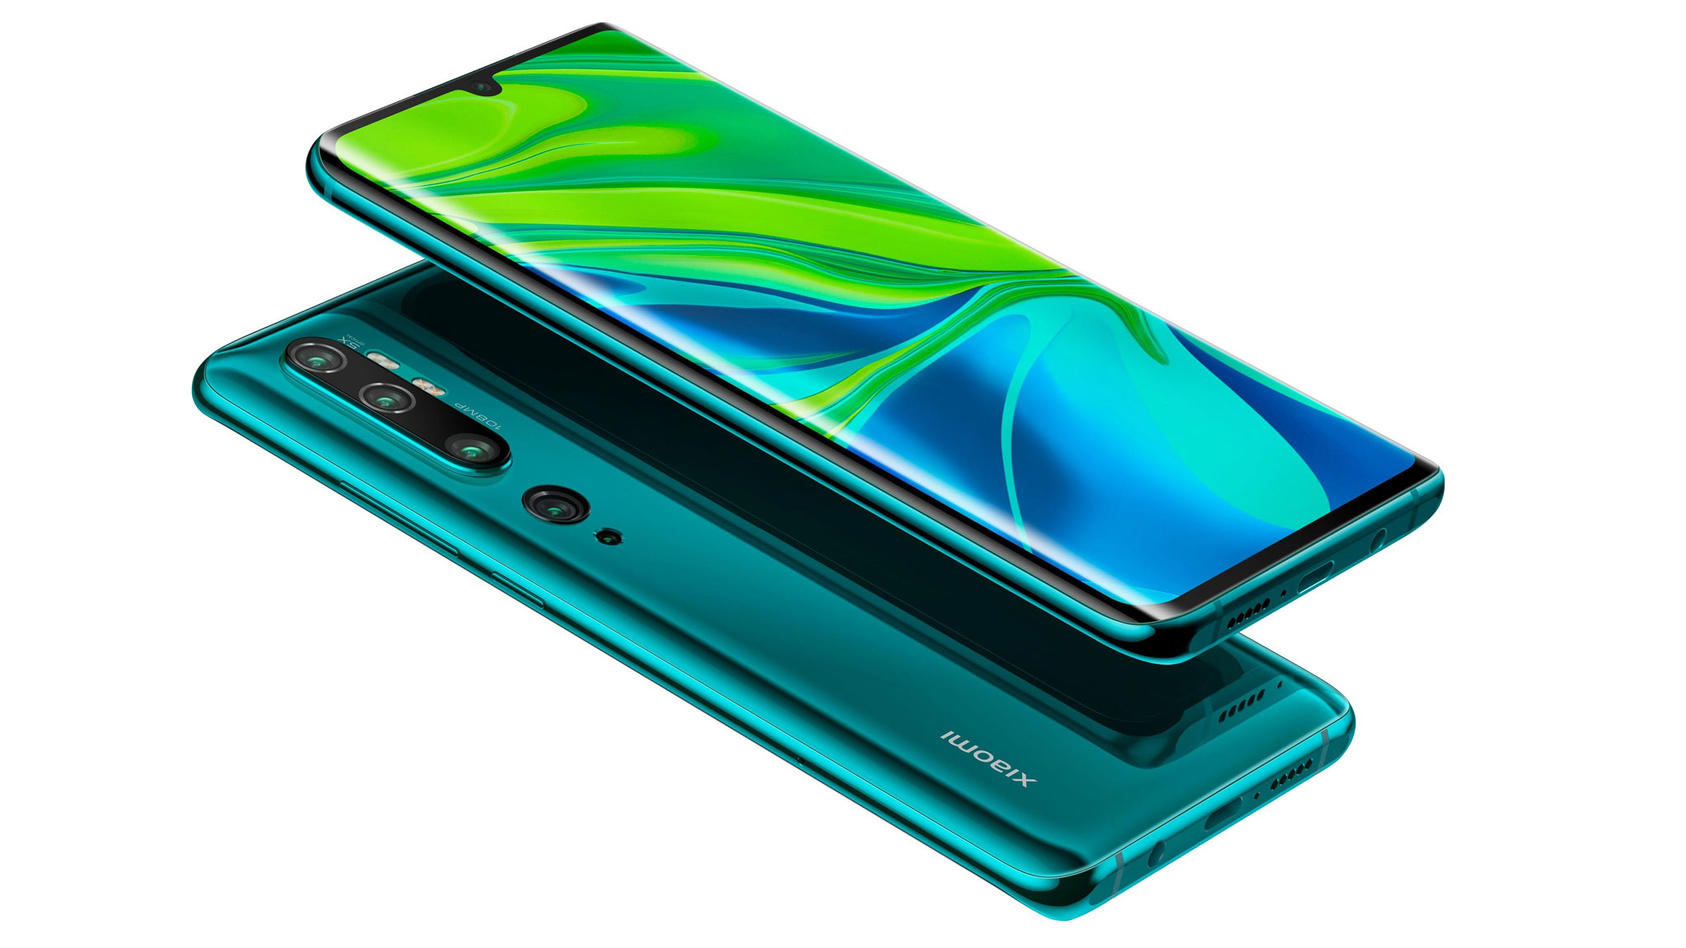 Das Xiaomi Mi Note 10 Pro in Aurora Green gibt es jetzt mit Vertrag zum interessanten Preis.